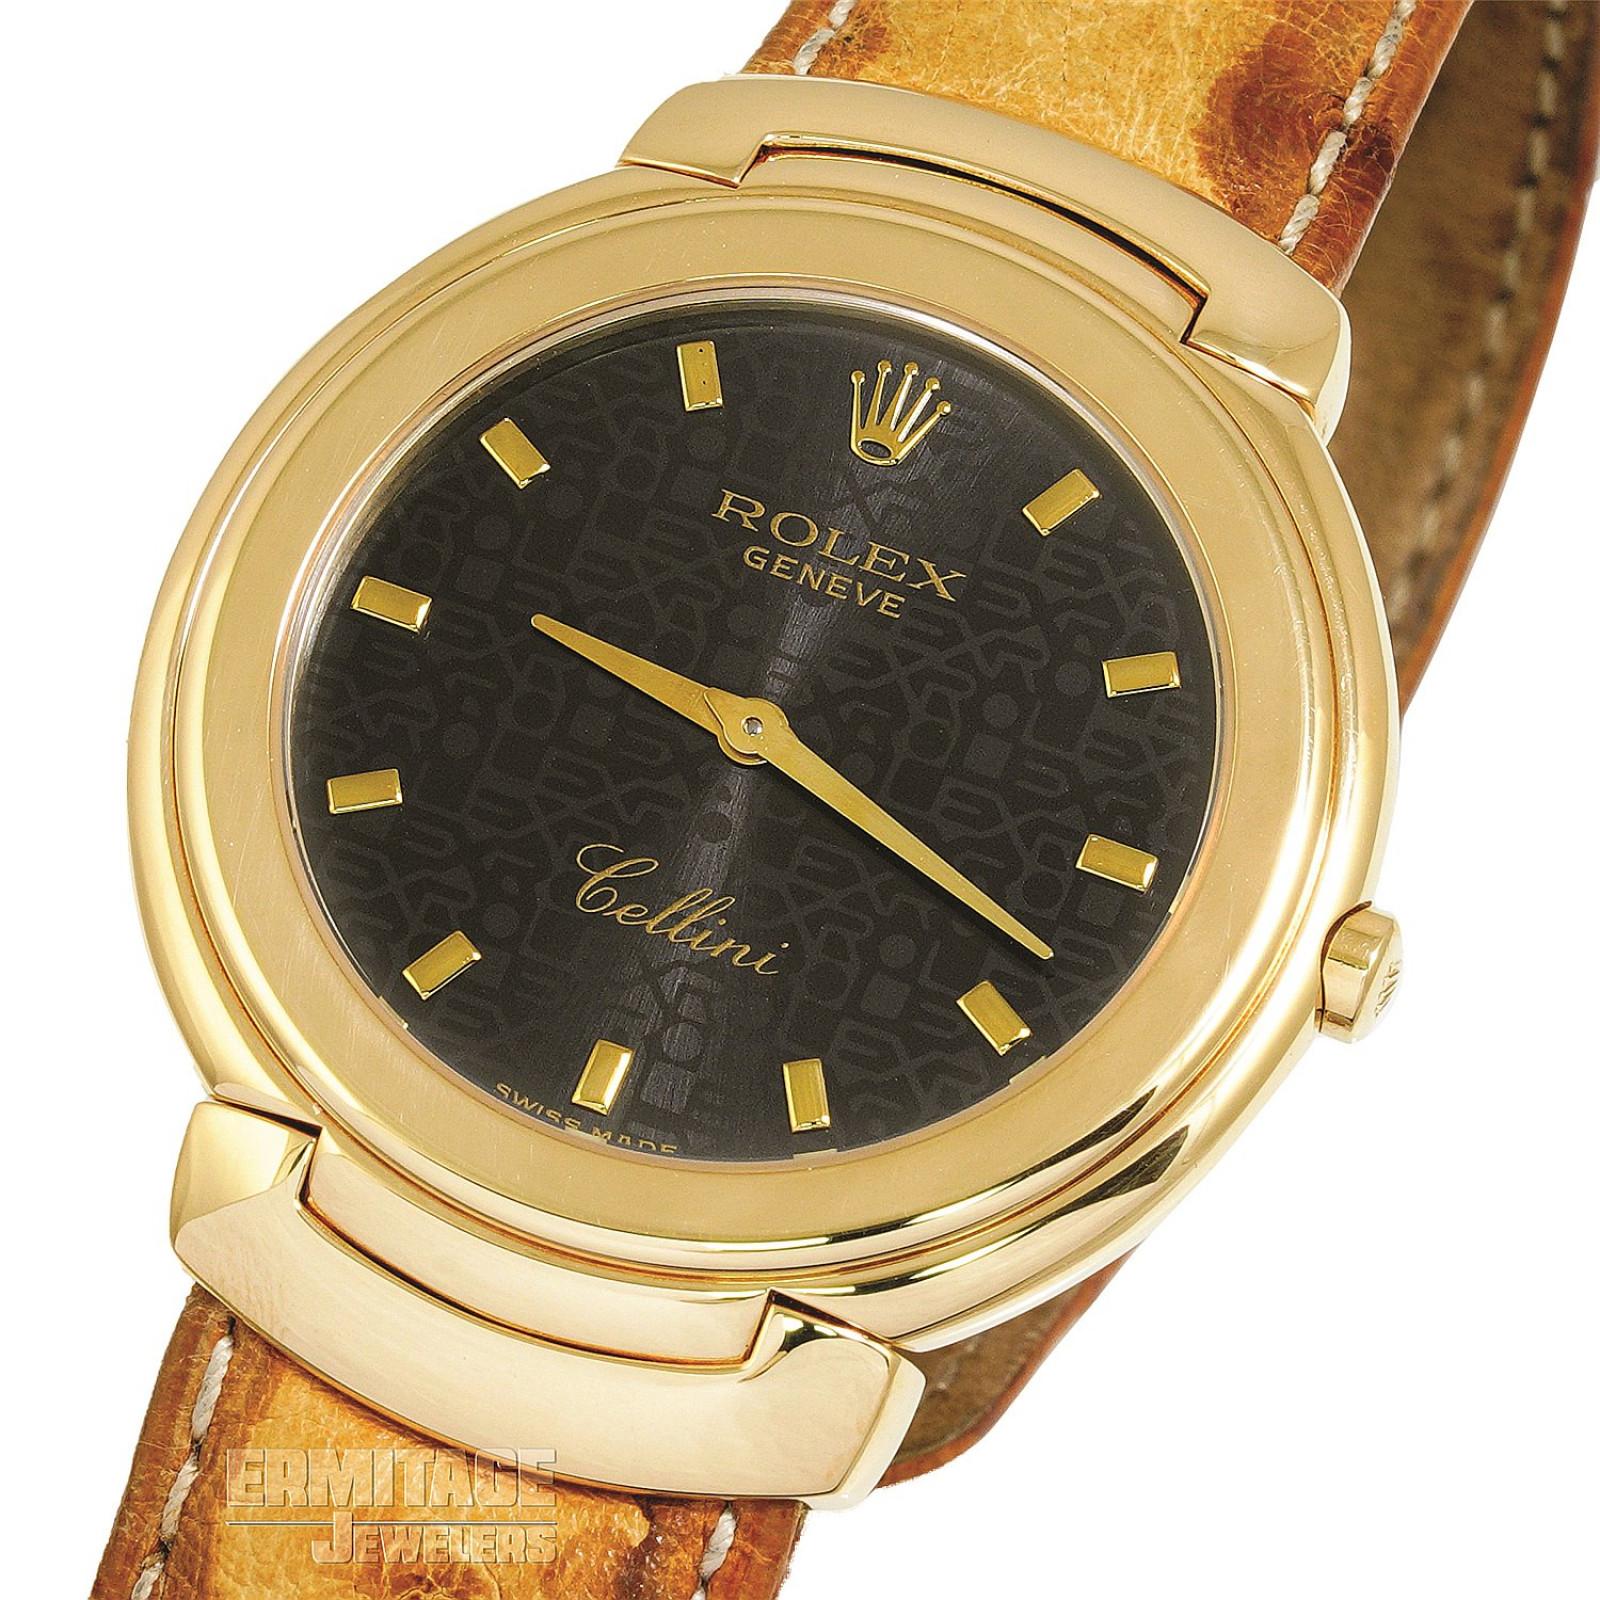 Gold Rolex Cellini Ref. 6623